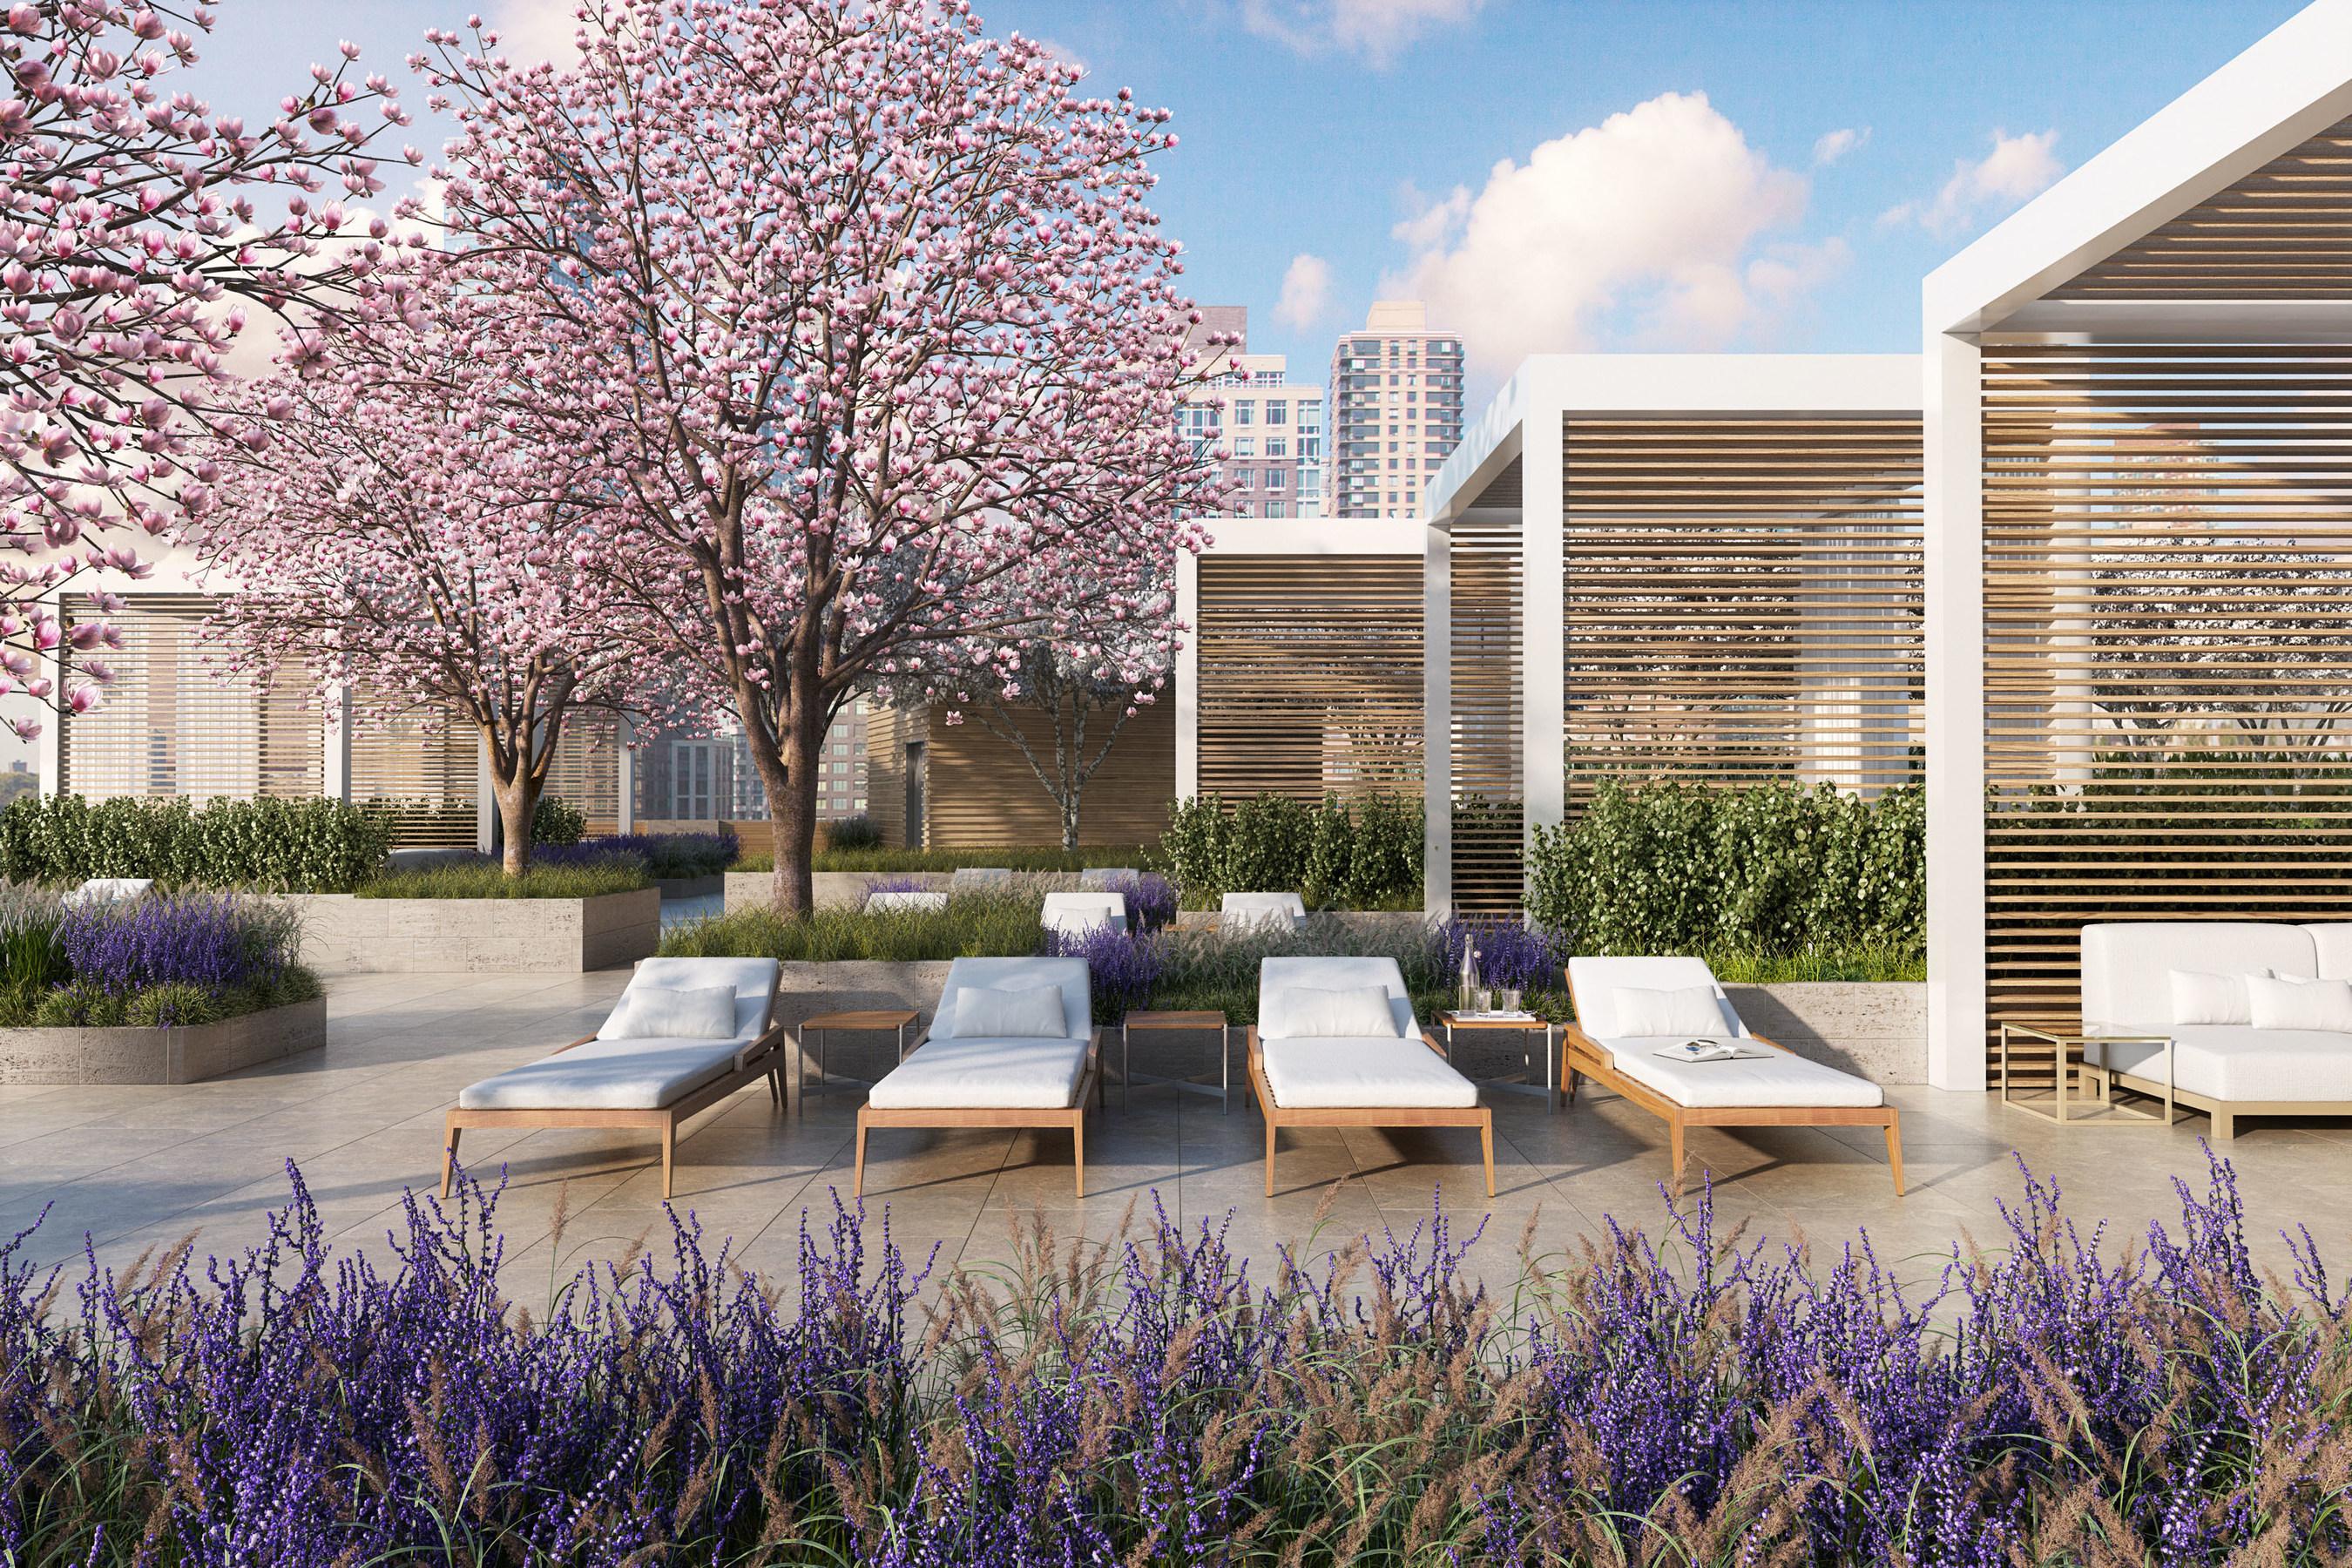 One West End prináša na trh exkluzívne rezidencie - jedinečný rezidenčný komplex na Manhattane v